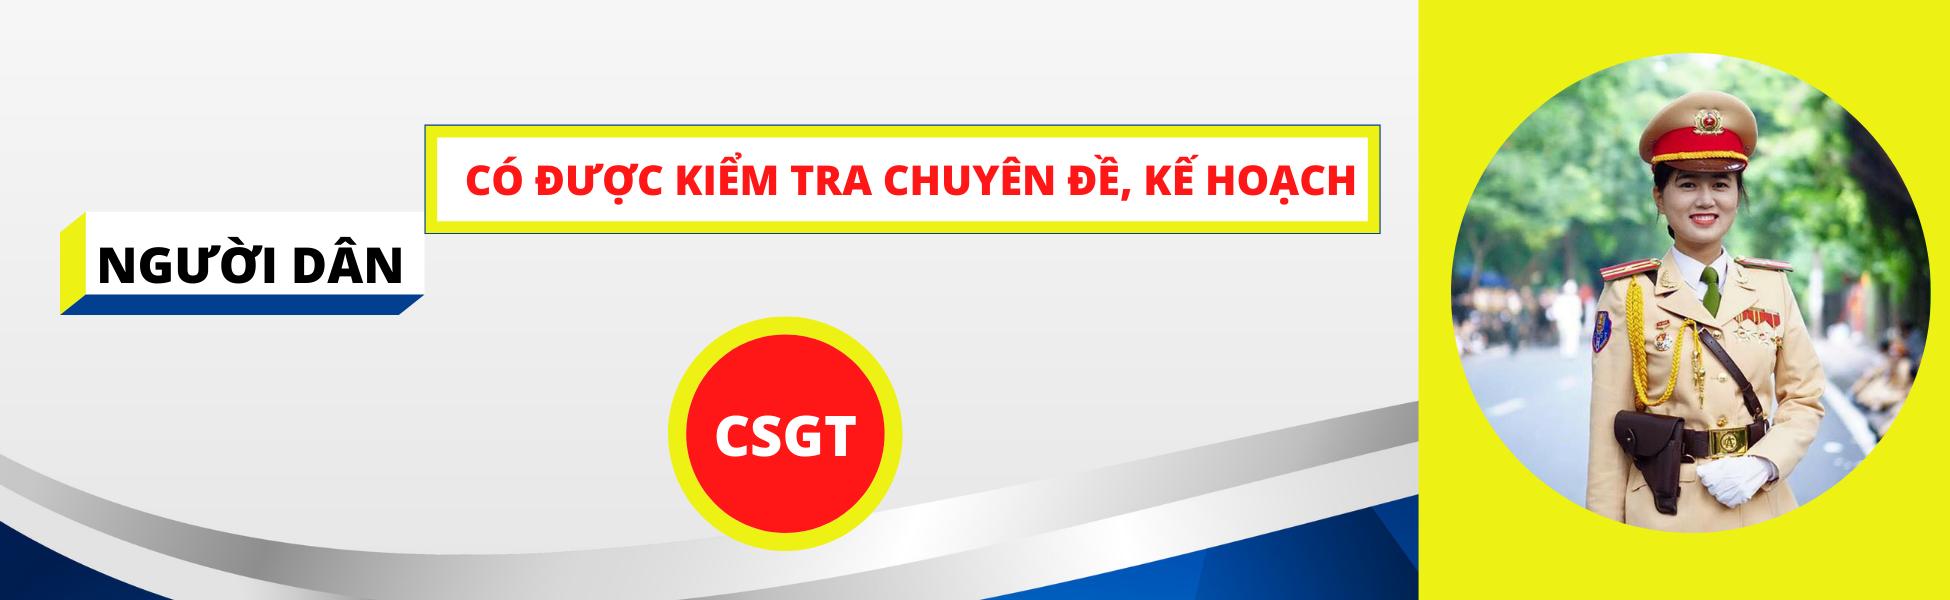 Người dân có được kiểm tra kế hoạch, chuyên đề của CSGT?